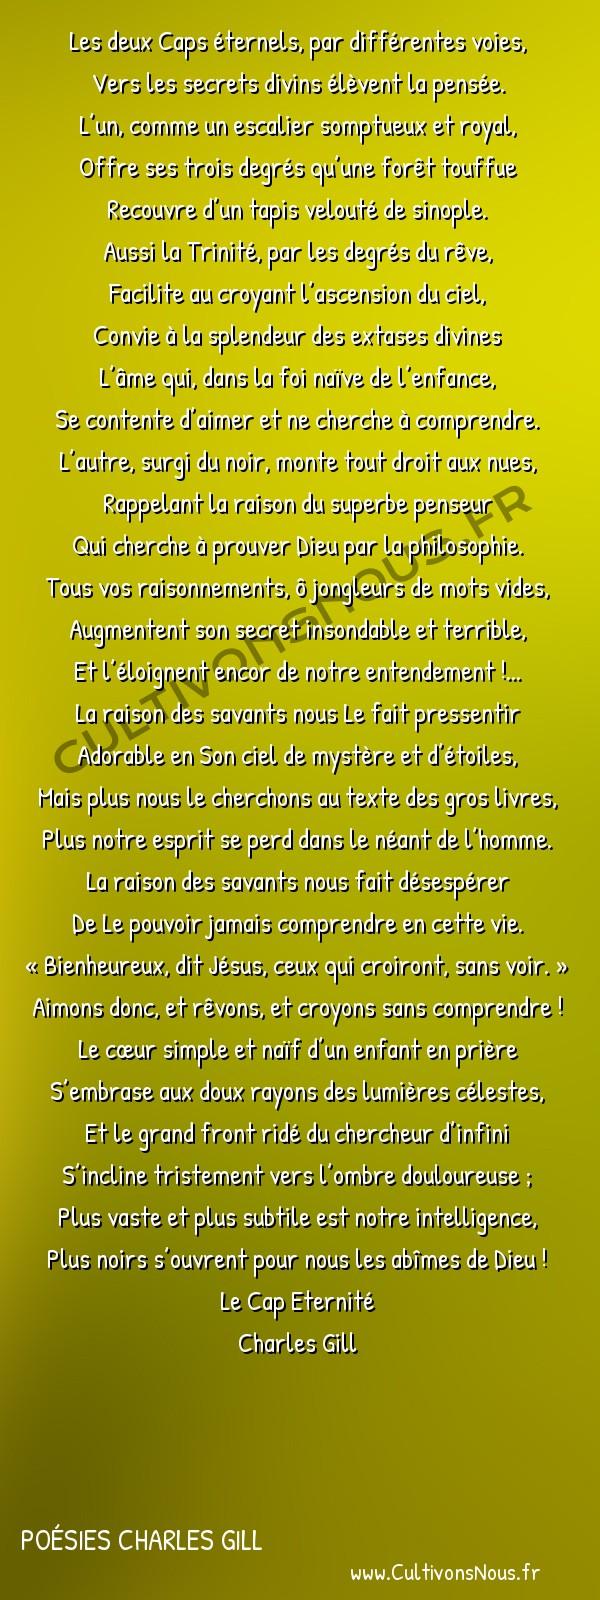 Poésies Charles Gill - Le Cap Éternité - CHANT X Le Rêve et la raison -  Les deux Caps éternels, par différentes voies, Vers les secrets divins élèvent la pensée.